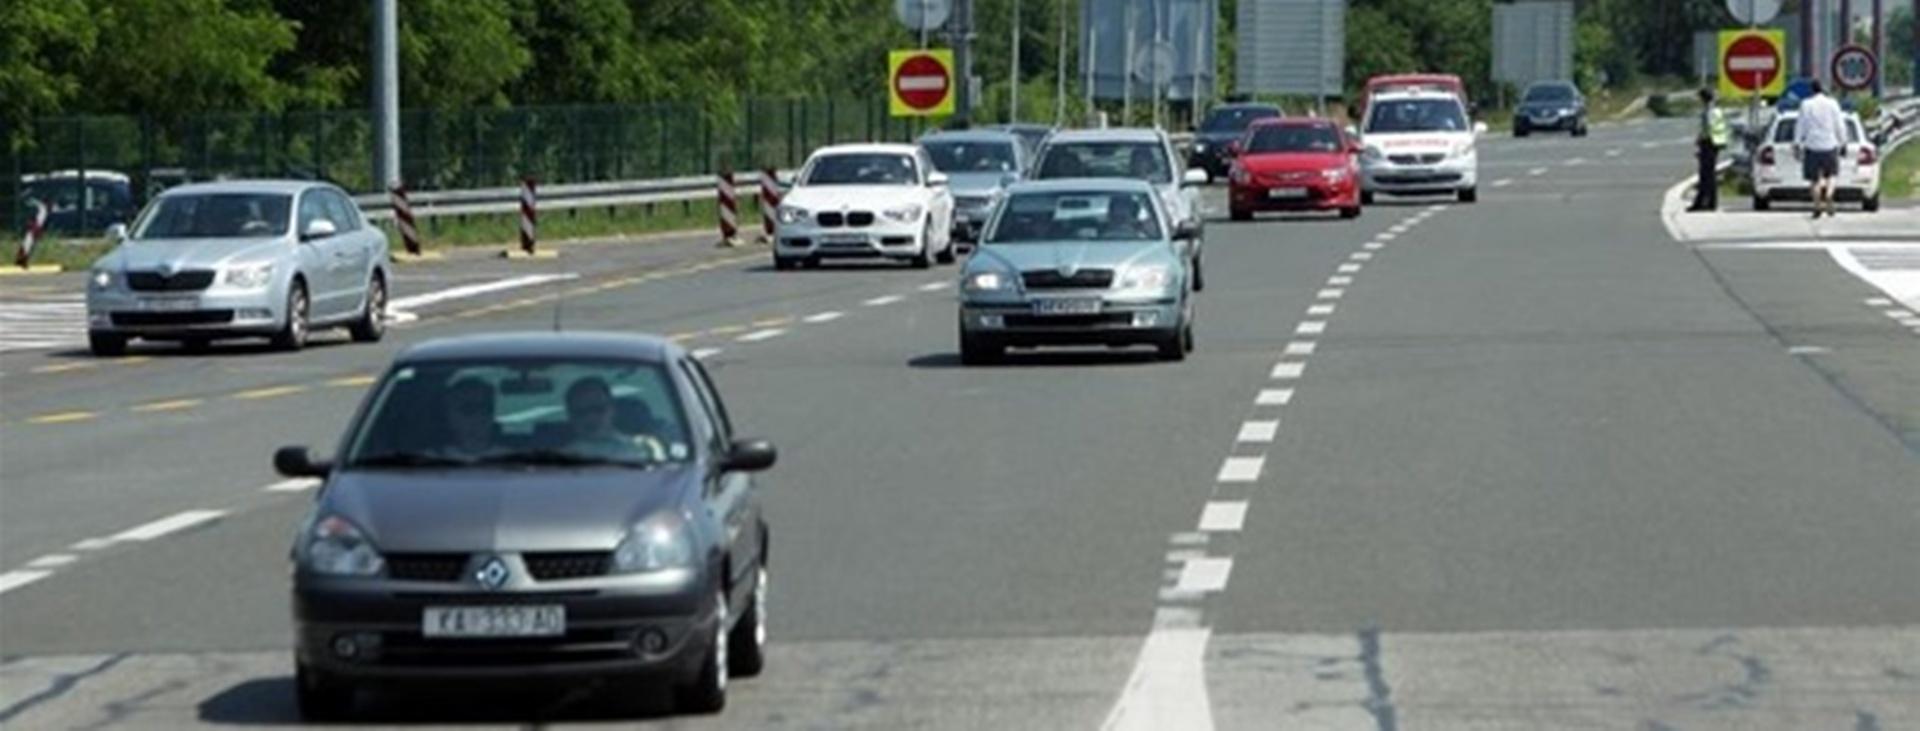 KONAČNA ODLUKA Više nije obavezan liječnički pregled za vozače starije od 65 godina